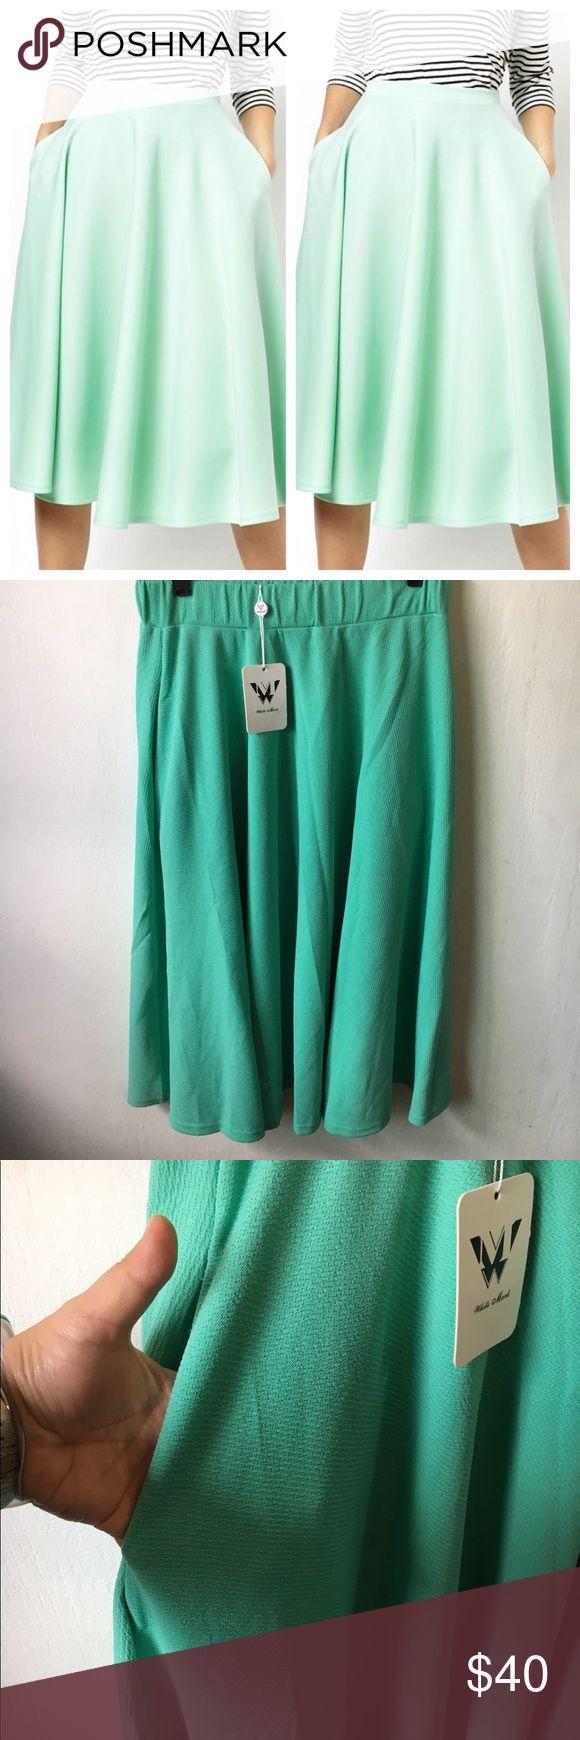 Mint Green Flutter Skirt Size XL Mint Green Flutter Skirt Size XL, brand new with tags. Elastic waistband. Side pockets- boutique brand Skirts